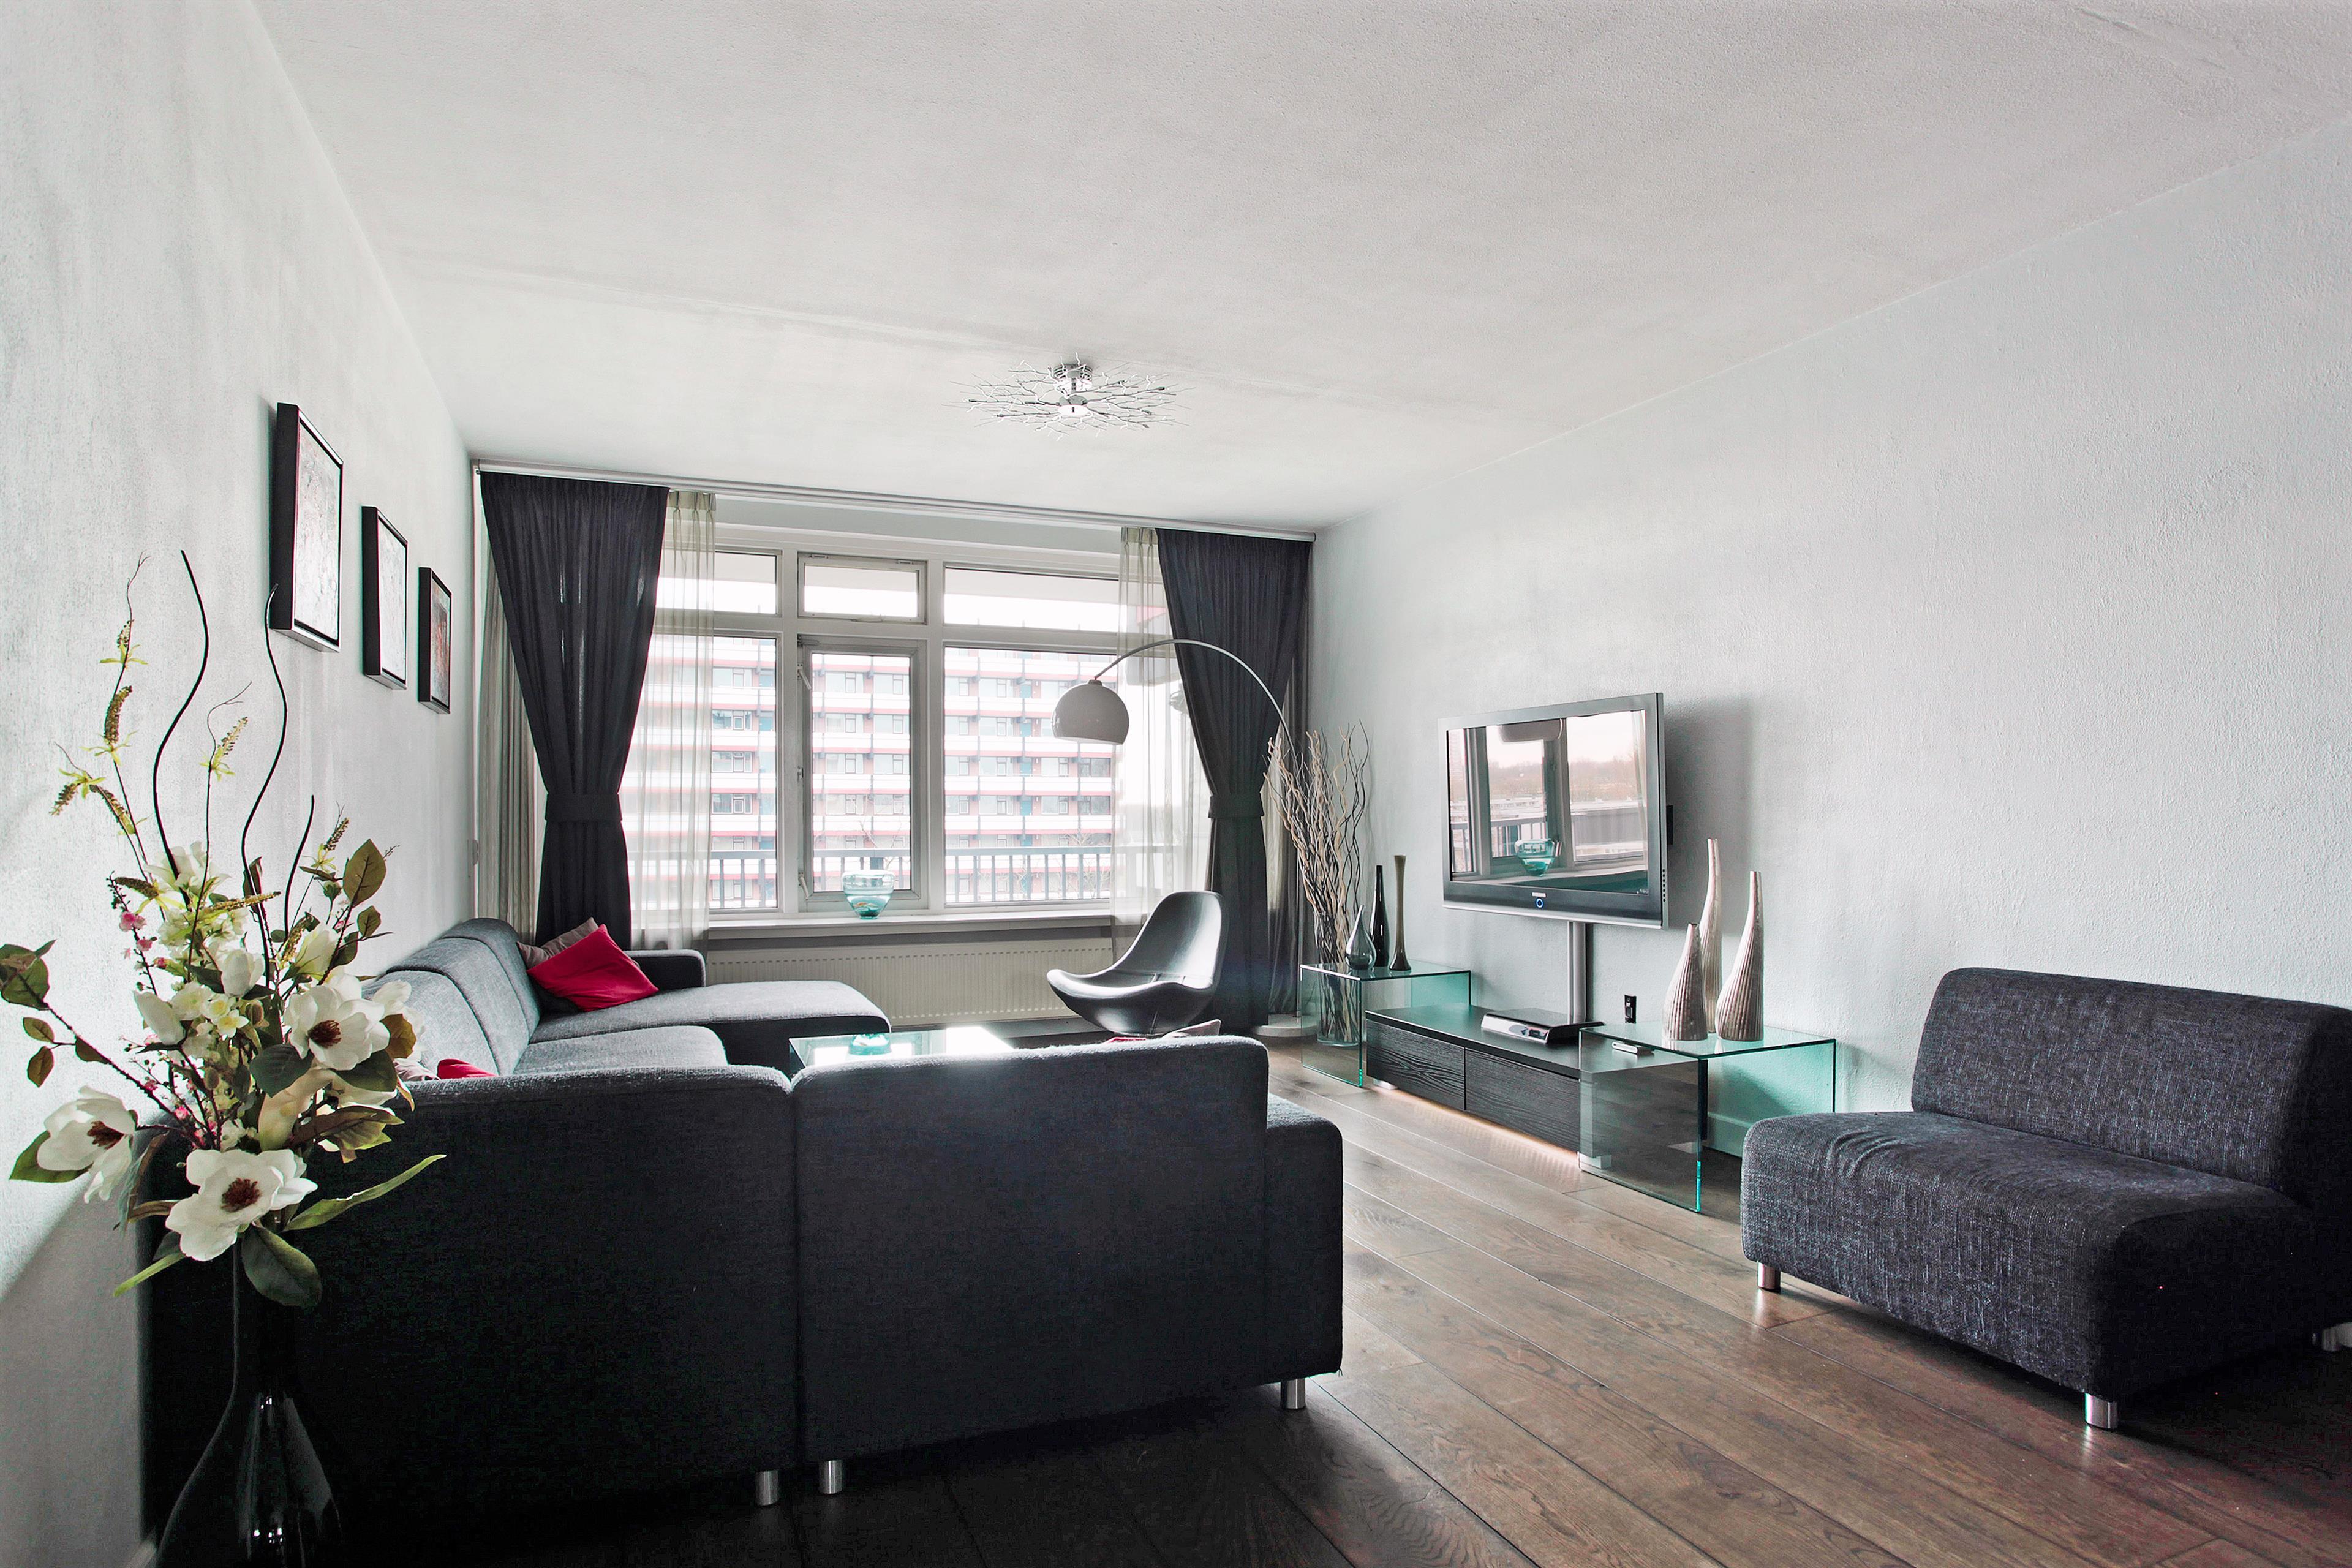 Te koop h cleyndertweg 783 amsterdam hoekstra en van eck m r makelaar - Entree eigentijds huis ...